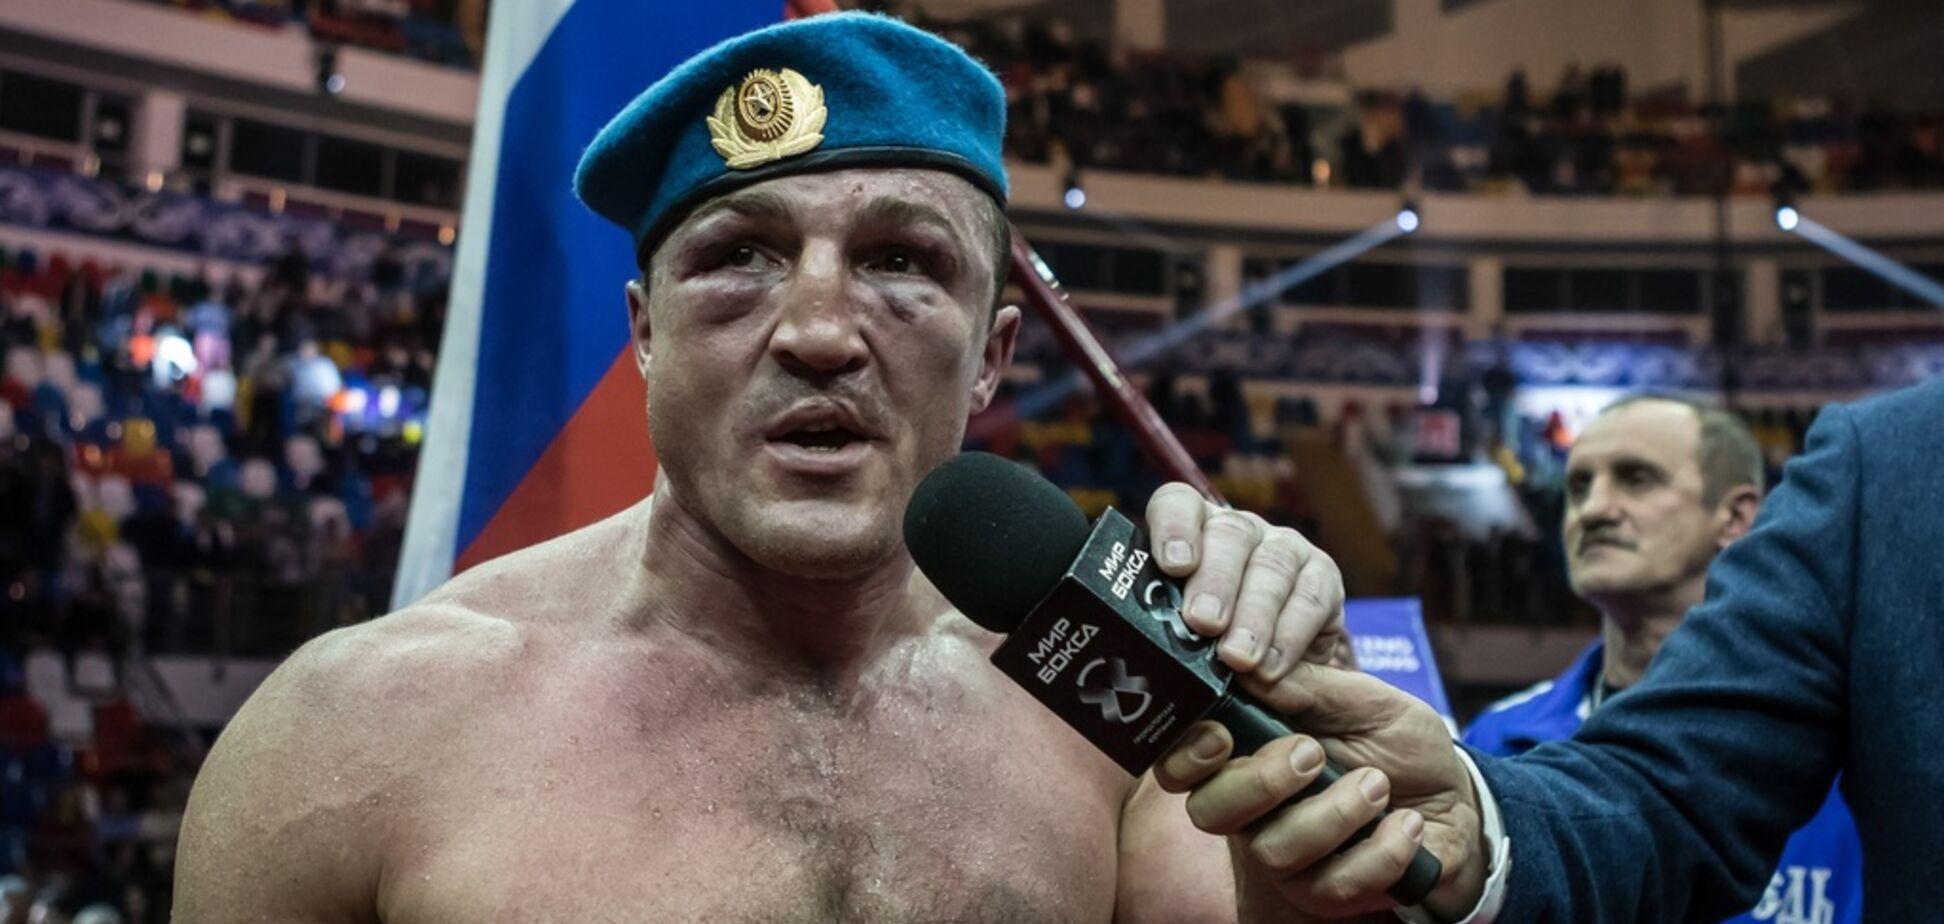 Стало известно, почему у российского боксера отобрали пояс Усика